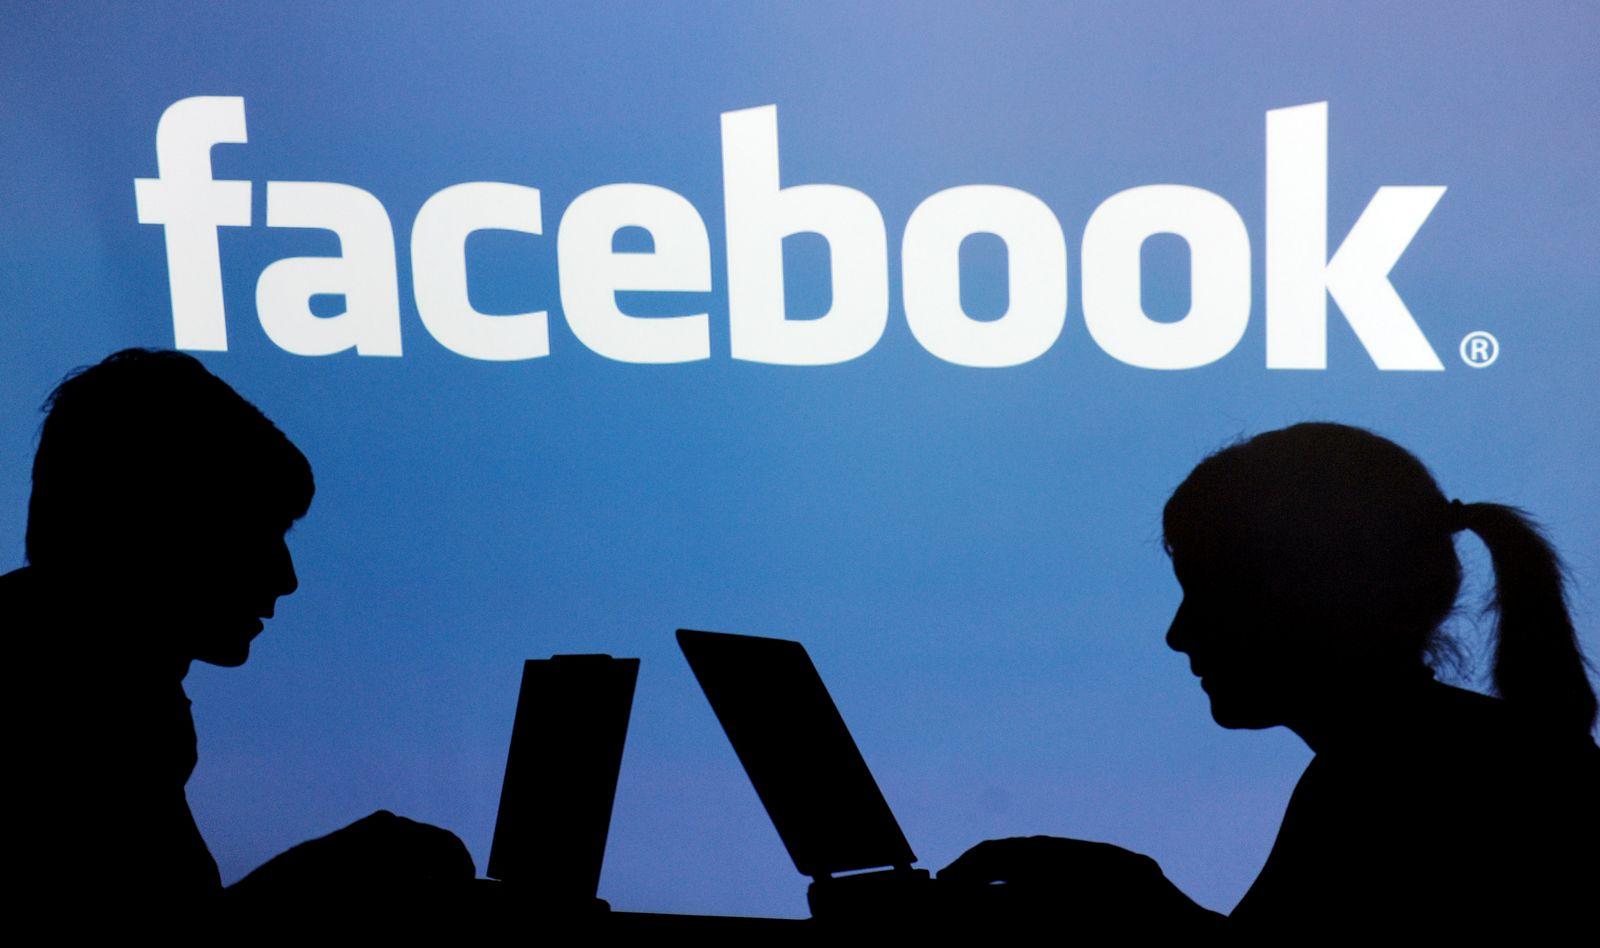 Hat mitglieder weltweit viele wie facebook Facebook